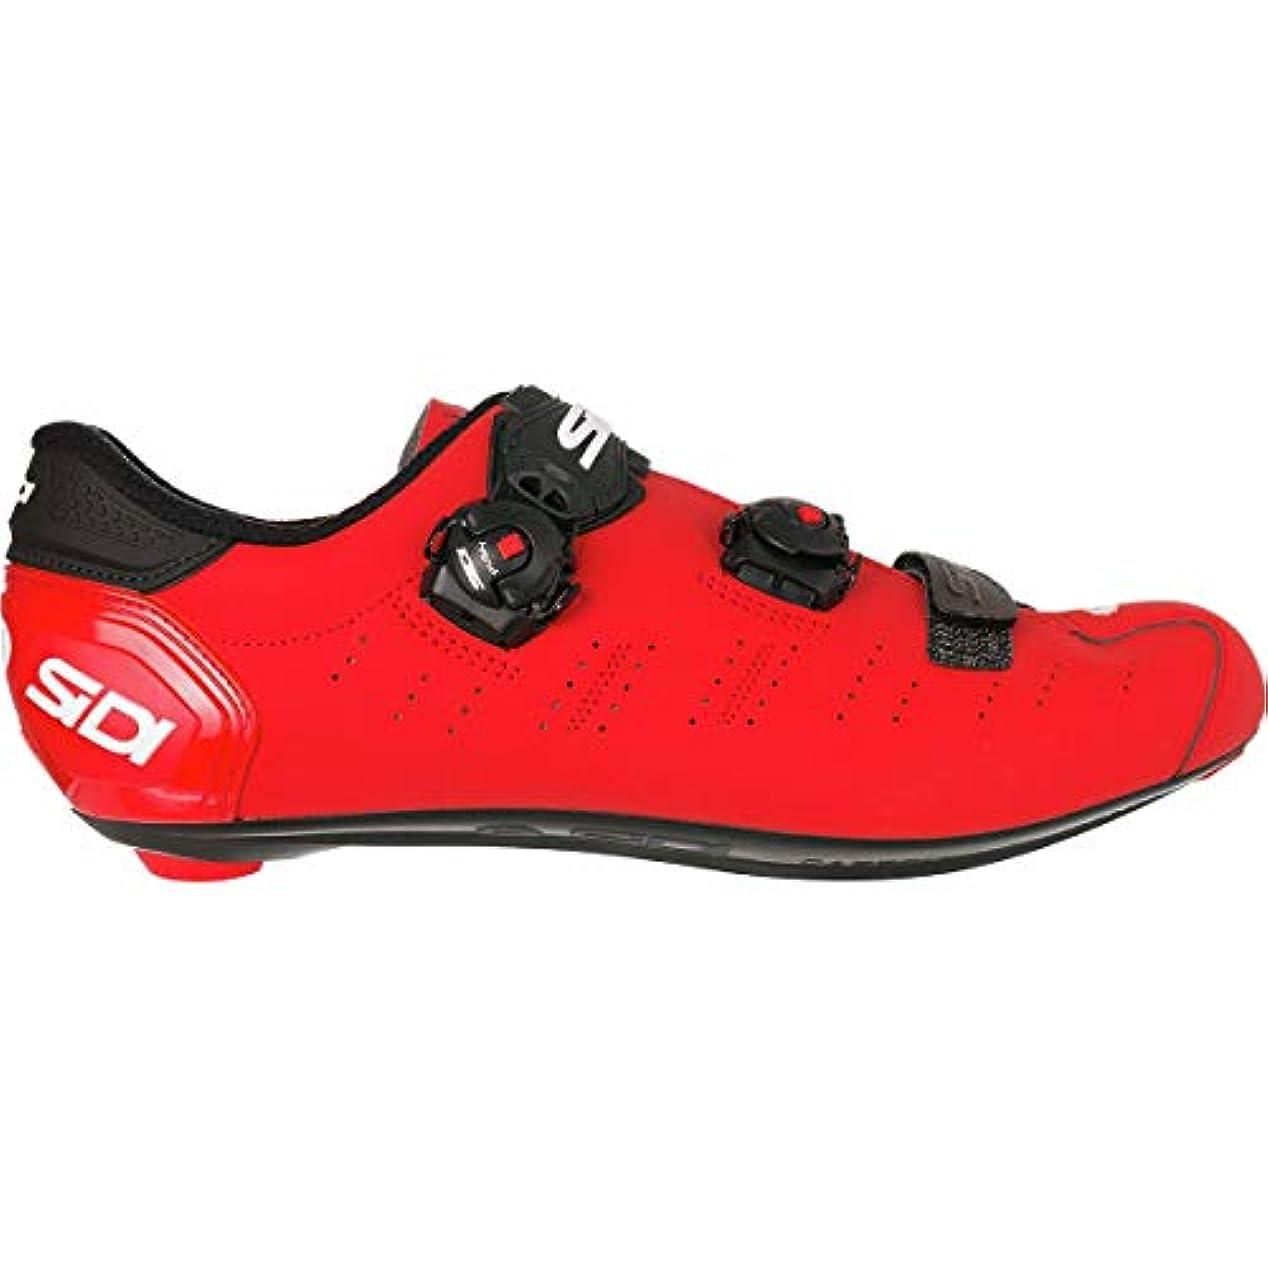 認知イソギンチャク教育者SIDI(シディ) ERGO 5 MATT RED/BLK 43 ?26.5cm相当